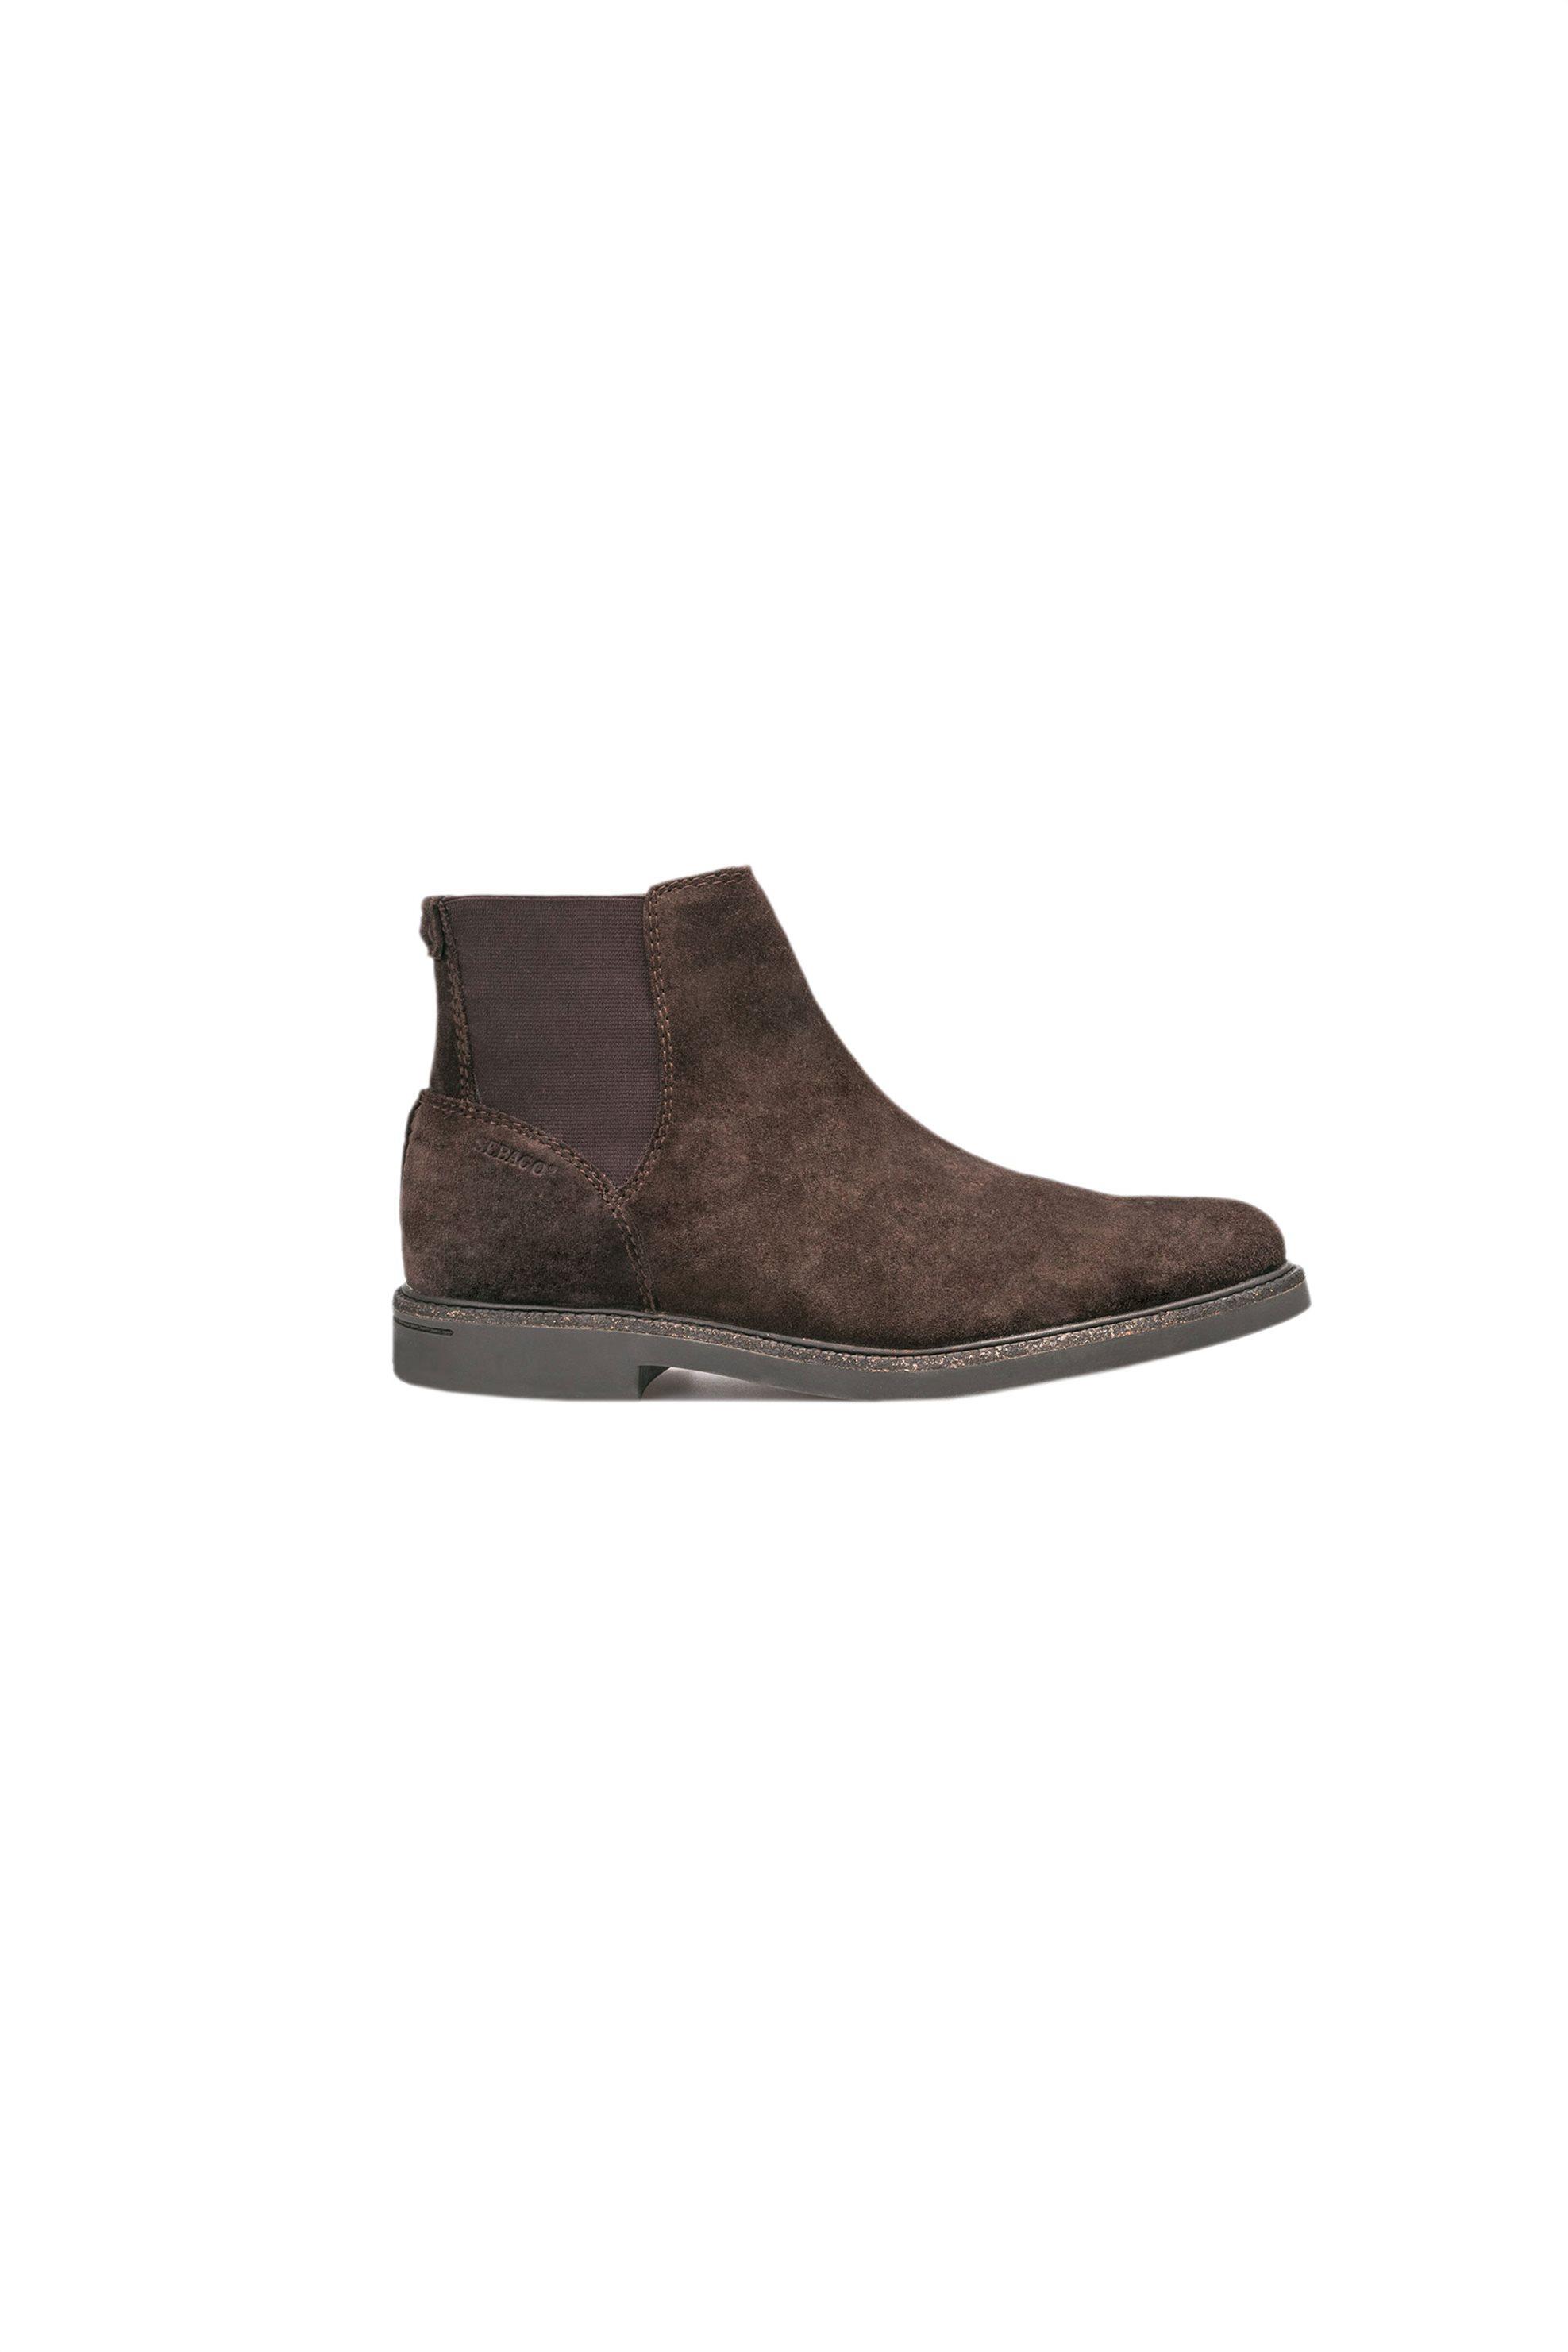 Ανδρικά παπούτσια Sebago – B810242 – Καφέ